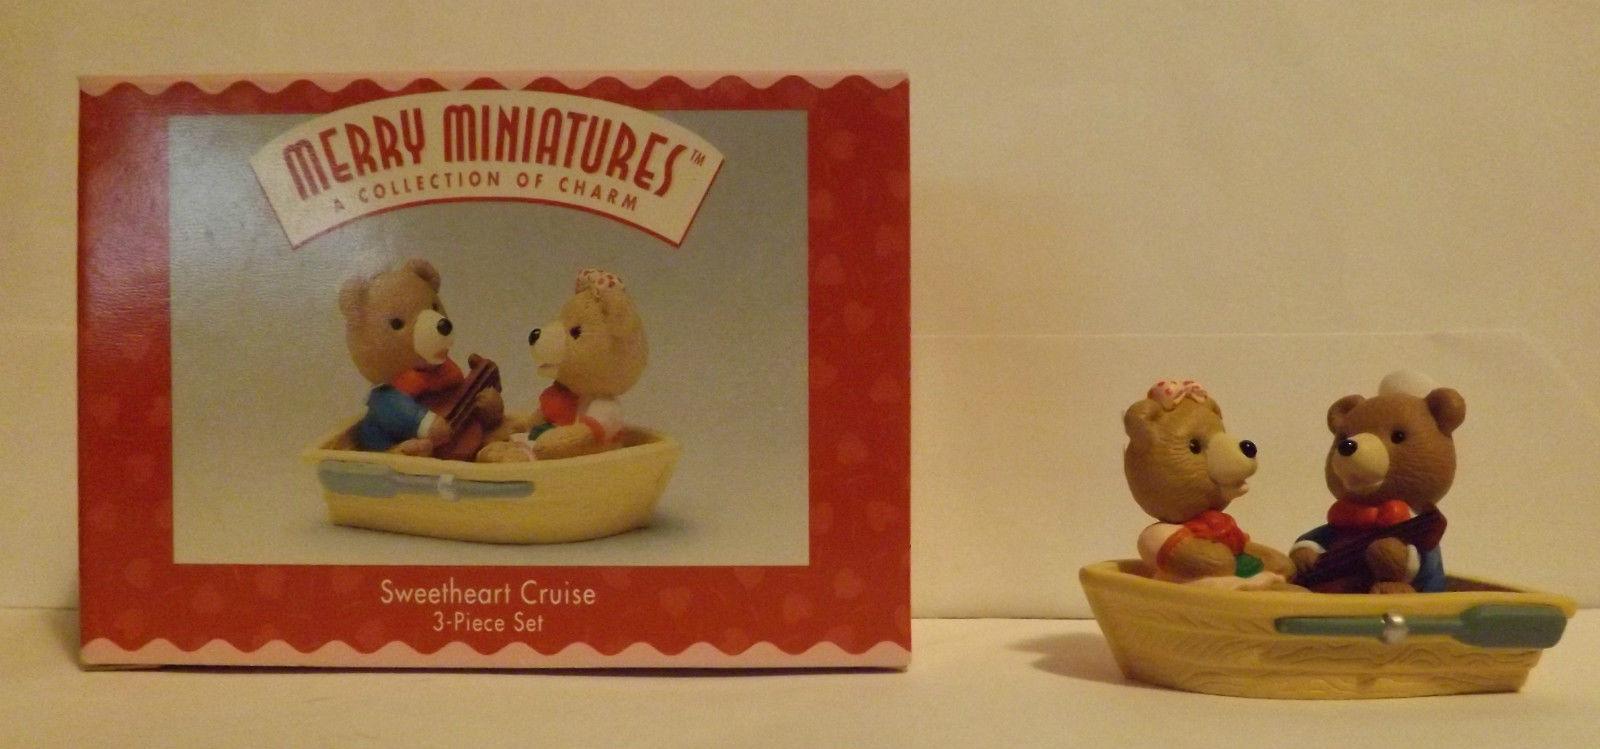 Hallmark Merry Miniatures Sweetheart Cruise 3-Piece Set 1996